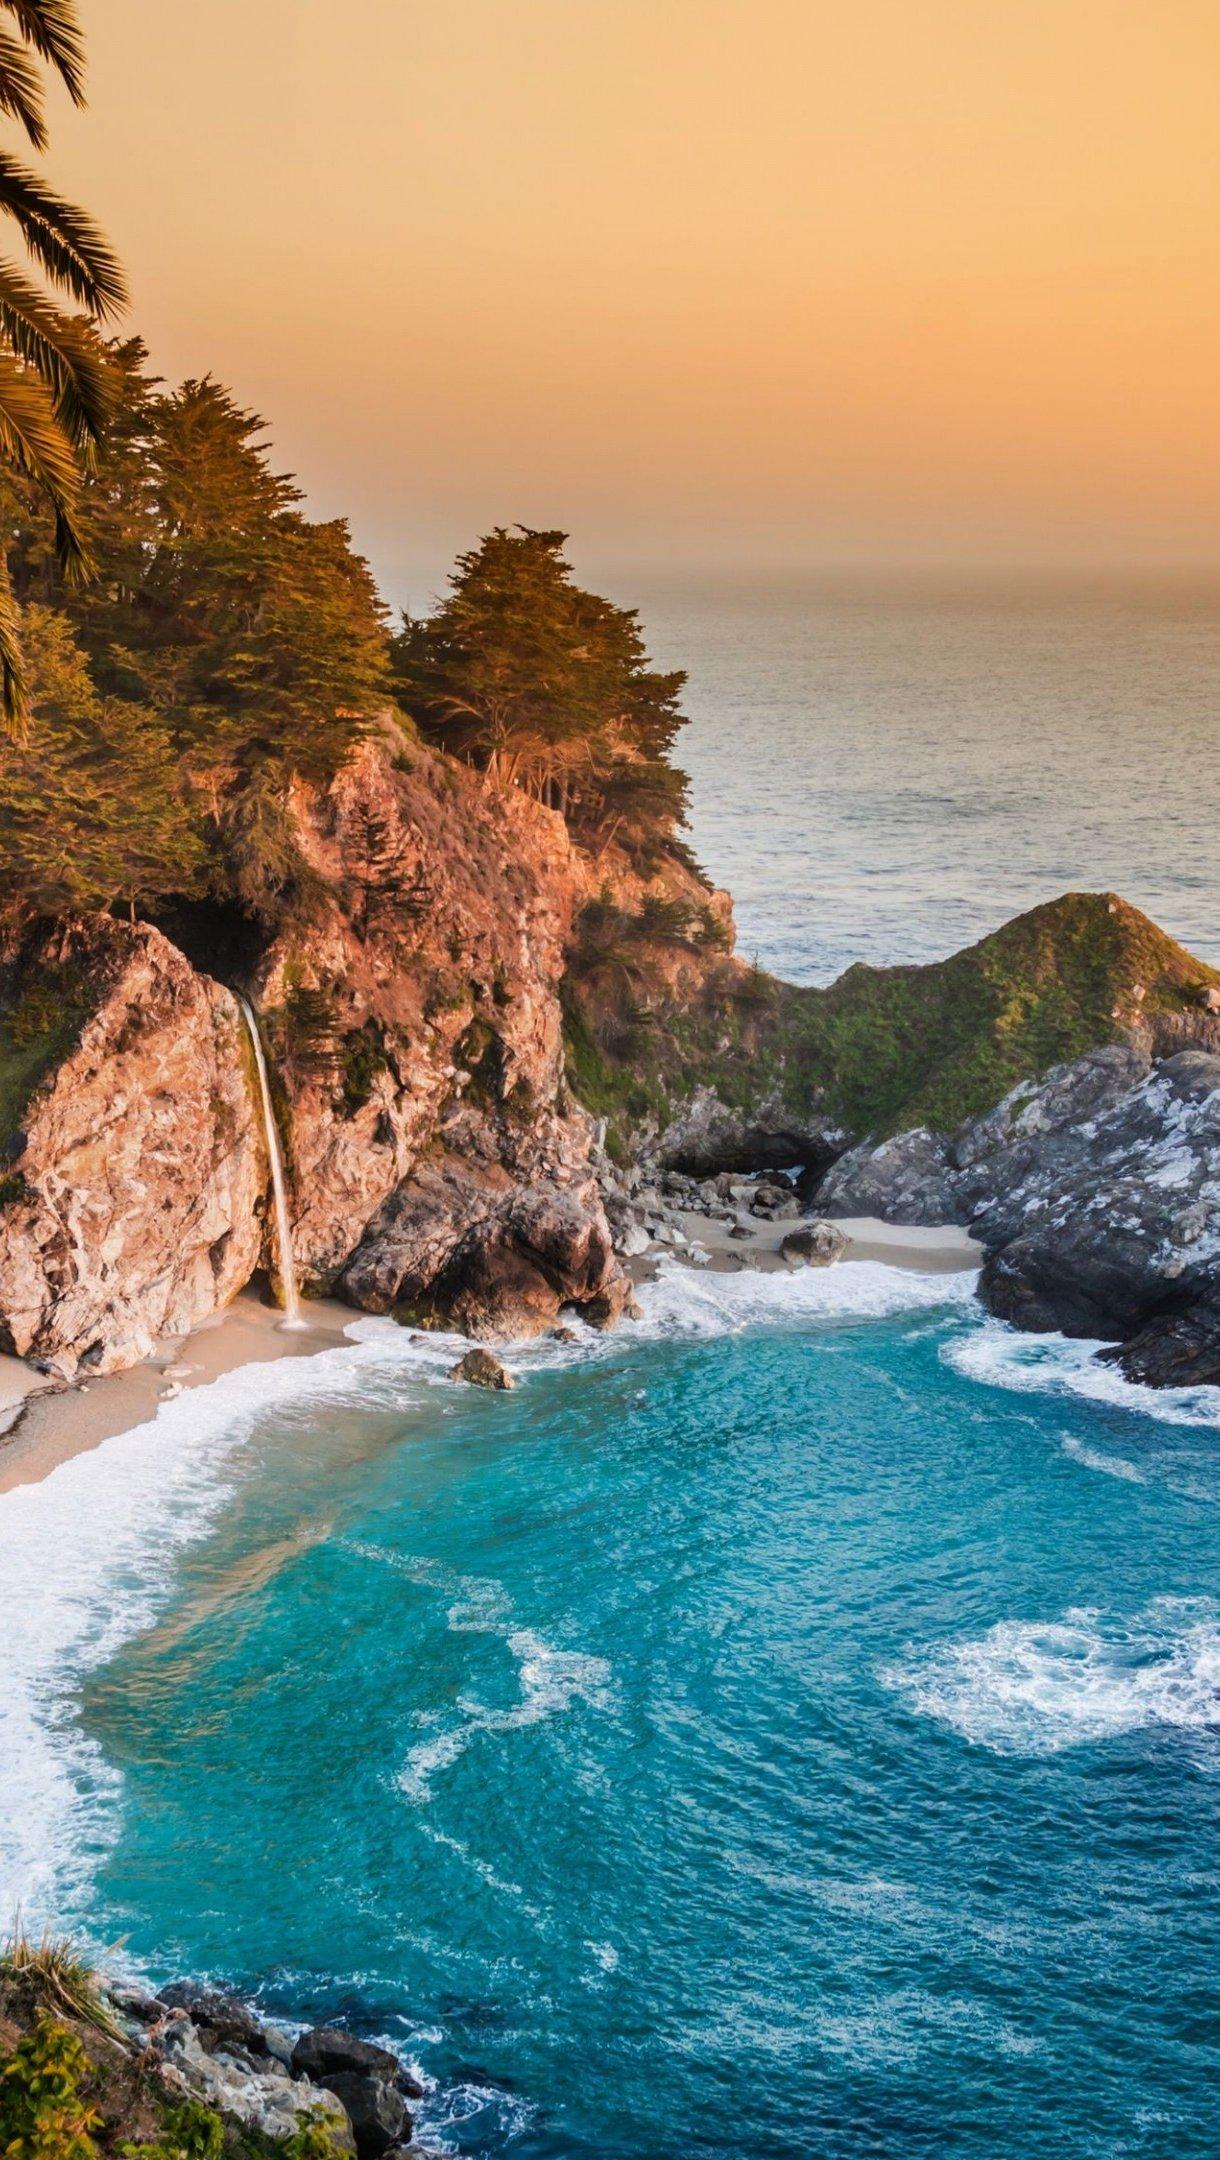 Fondos de pantalla Oceano pacifico de California Vertical